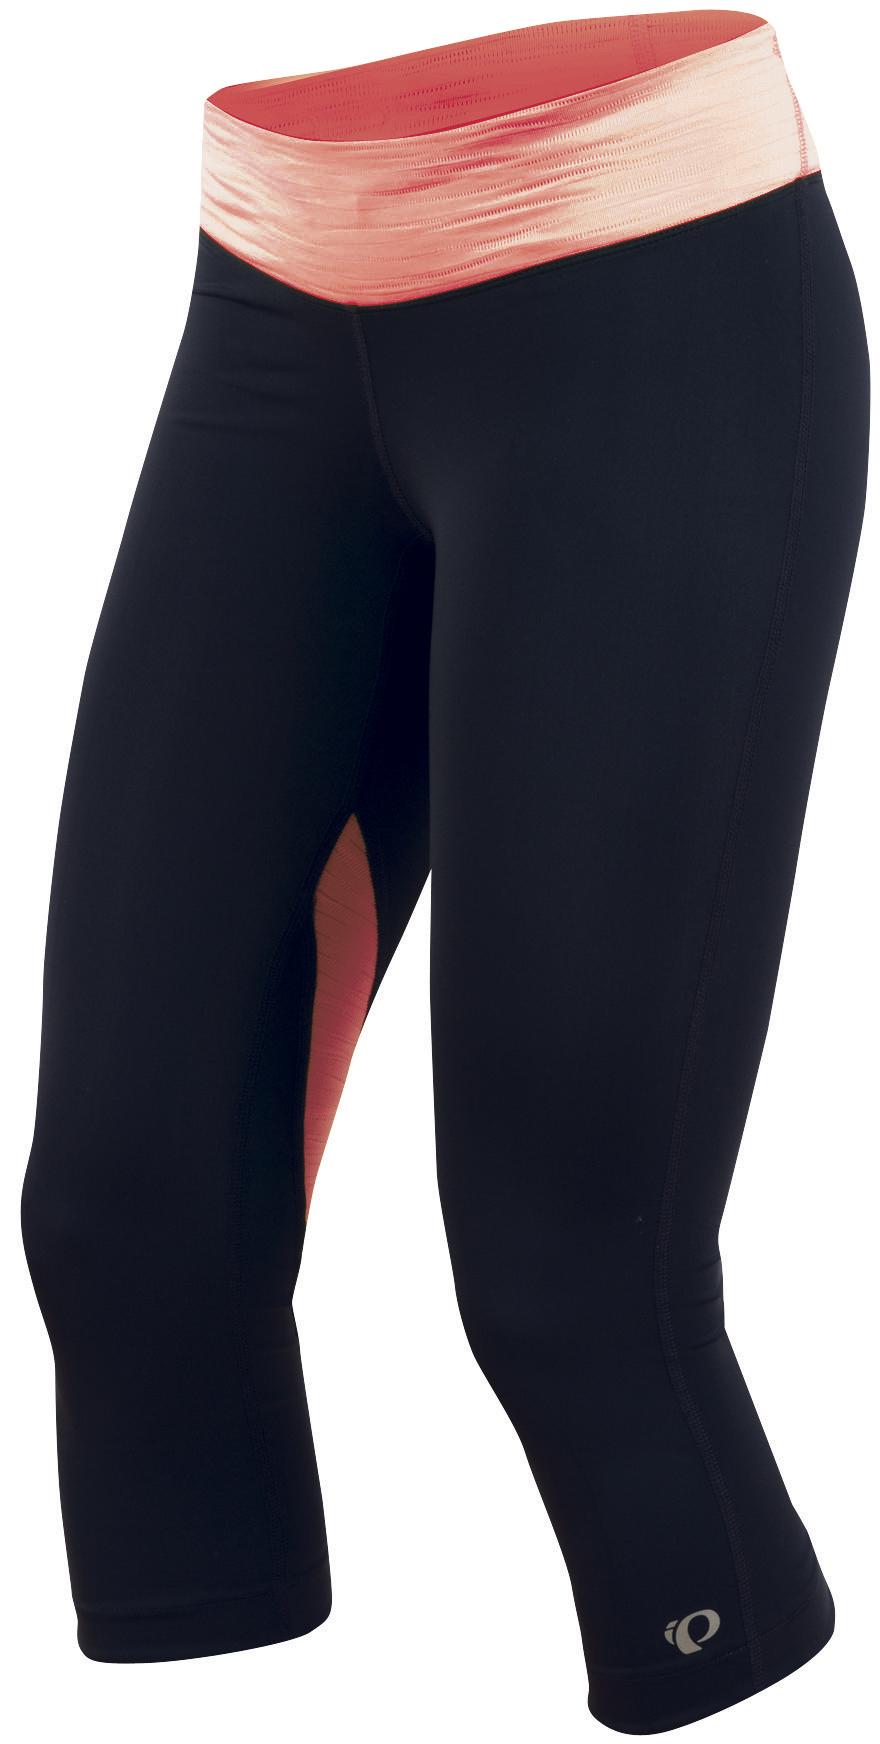 PEARL iZUMi W FLY 3/4 kalhoty, černá/korálová, L